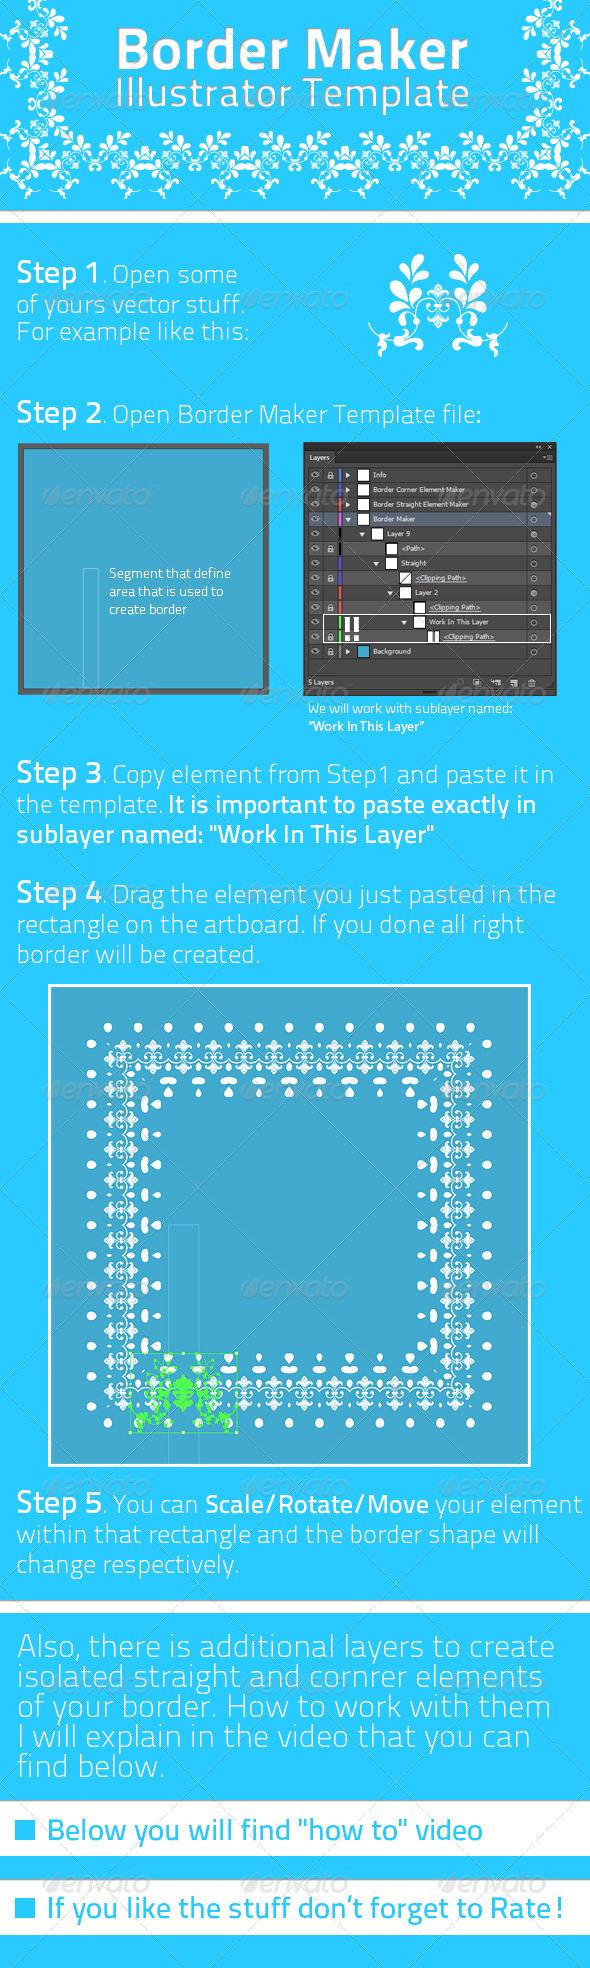 GraphicRiver Border Maker Template 7499950